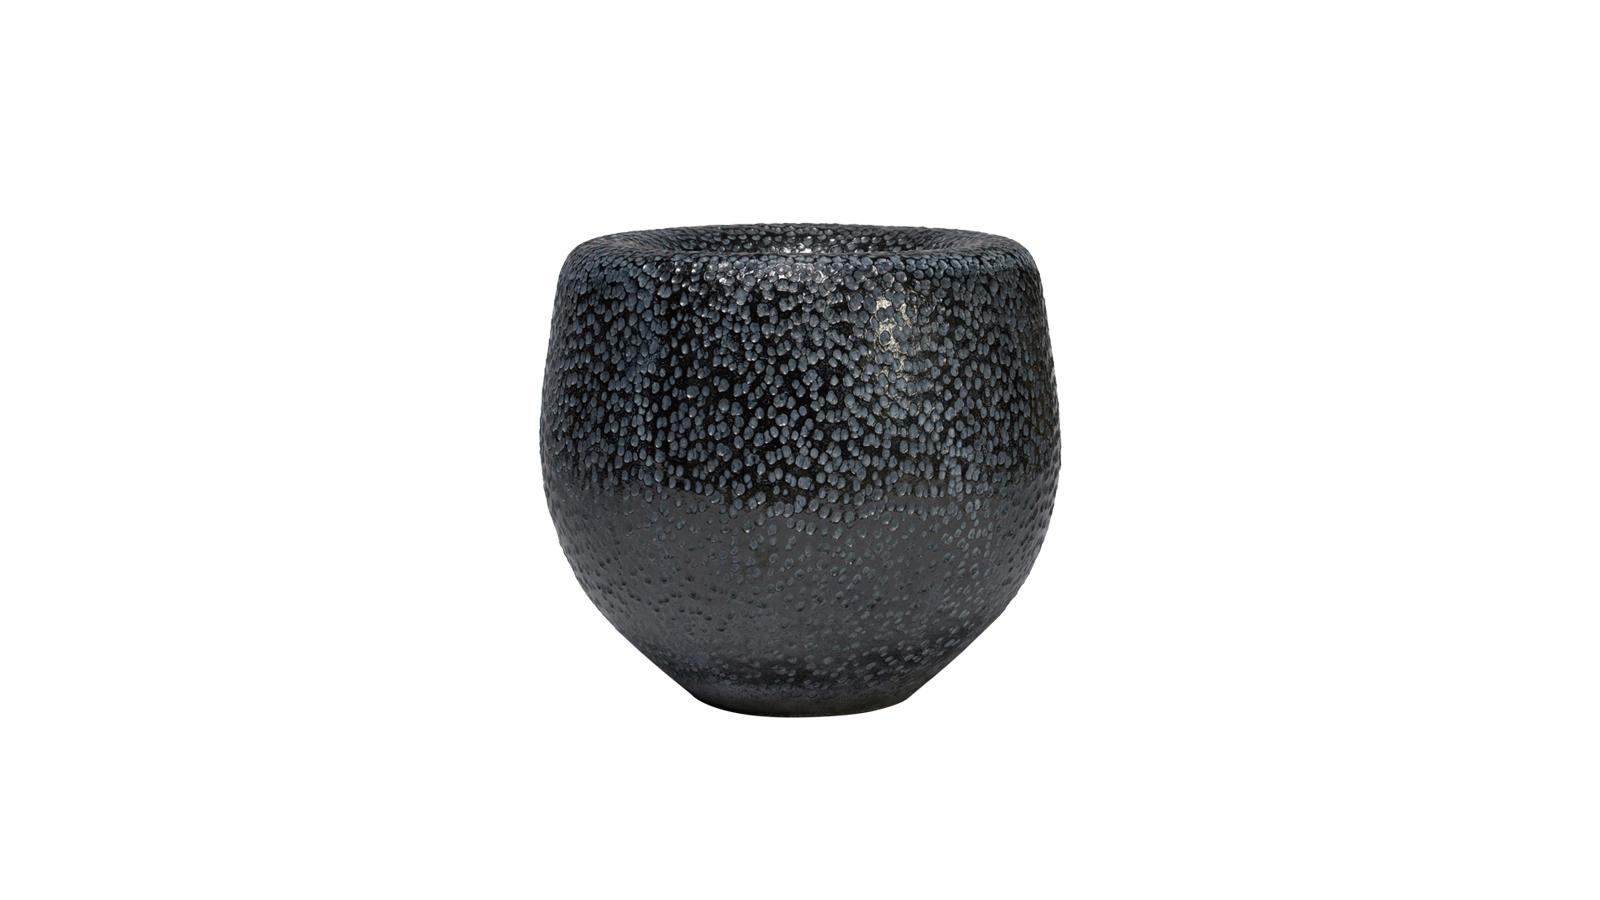 A belga Domani cég Batur kaspói és vázái nem véletlenül örvendenek hatalmas népszerűségnek: látványos textúrájúak, kézzel készülnek, ezáltal pedig minden egyes darab teljesen egyedi.